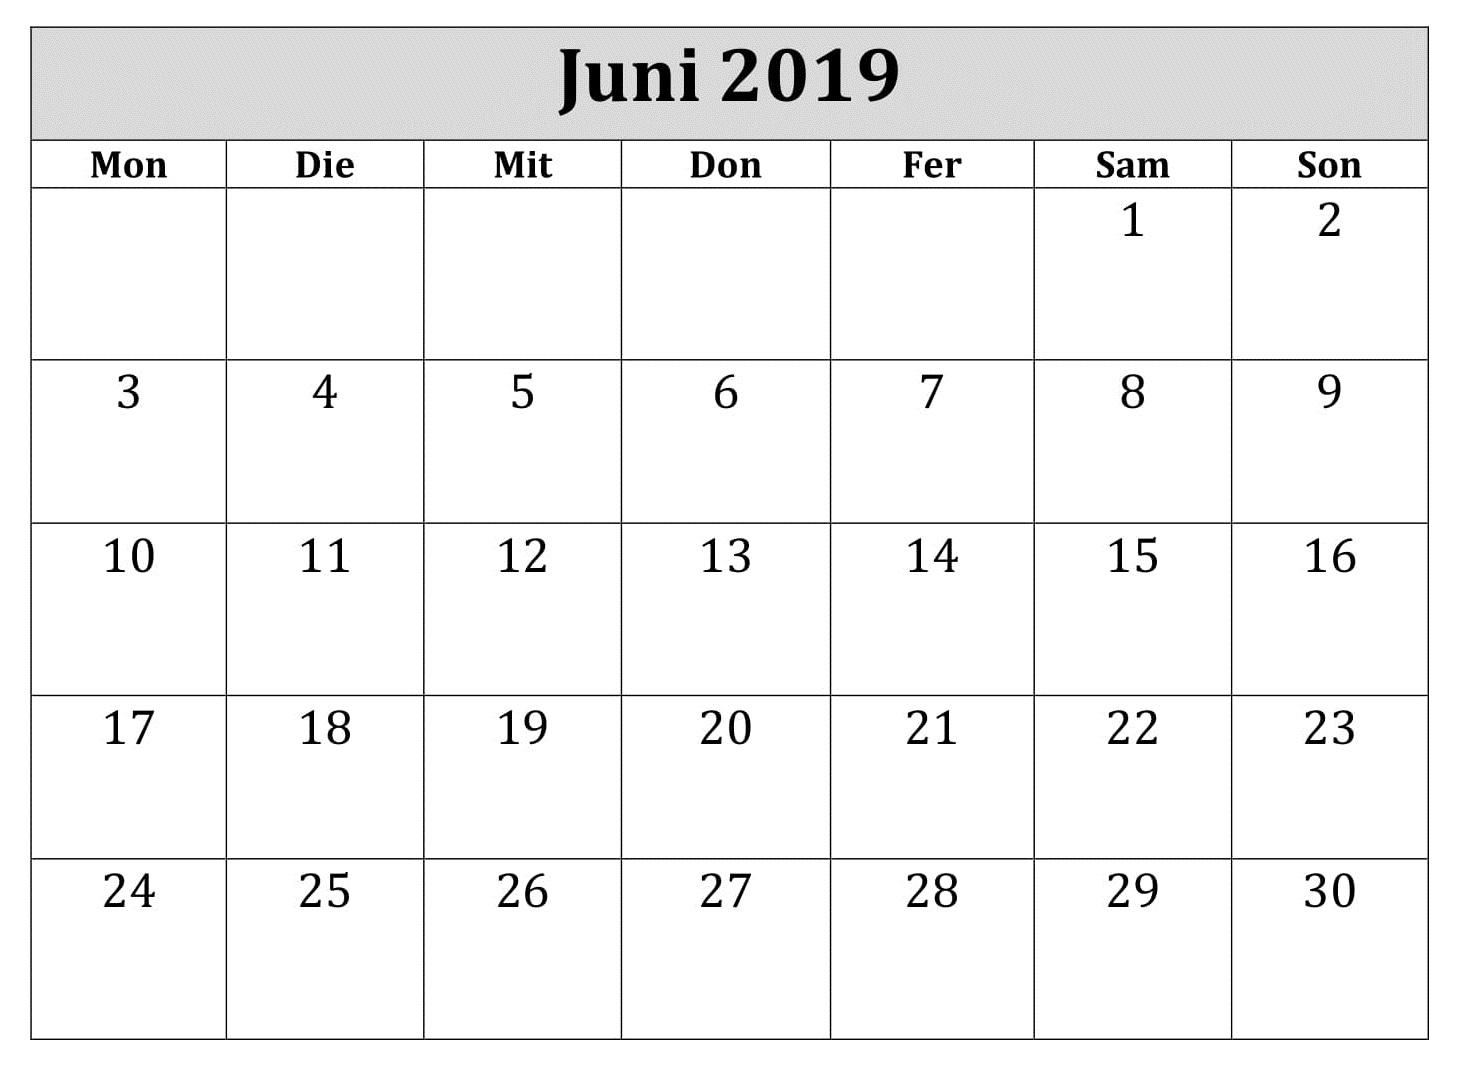 Juni Kalender 2019 Leer Zum Ausdrucken